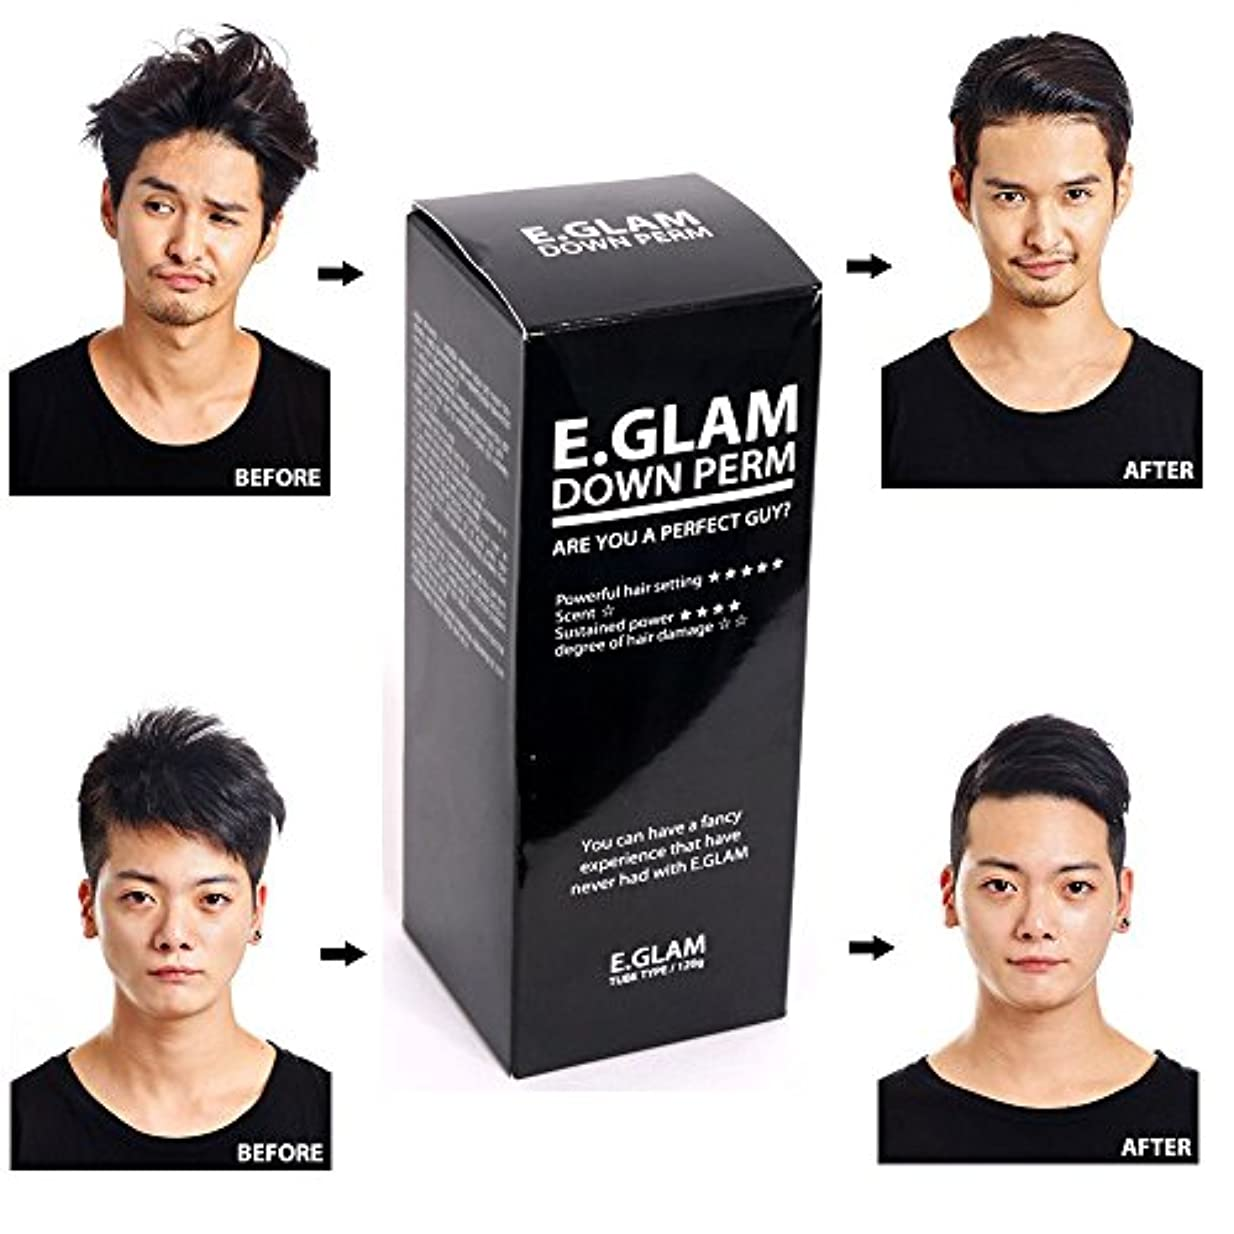 助手空港無人by E.Glam E.glam Down Perm for Men Speedy Easy Magic Straight Perm Home Kit 120ml [並行輸入品]